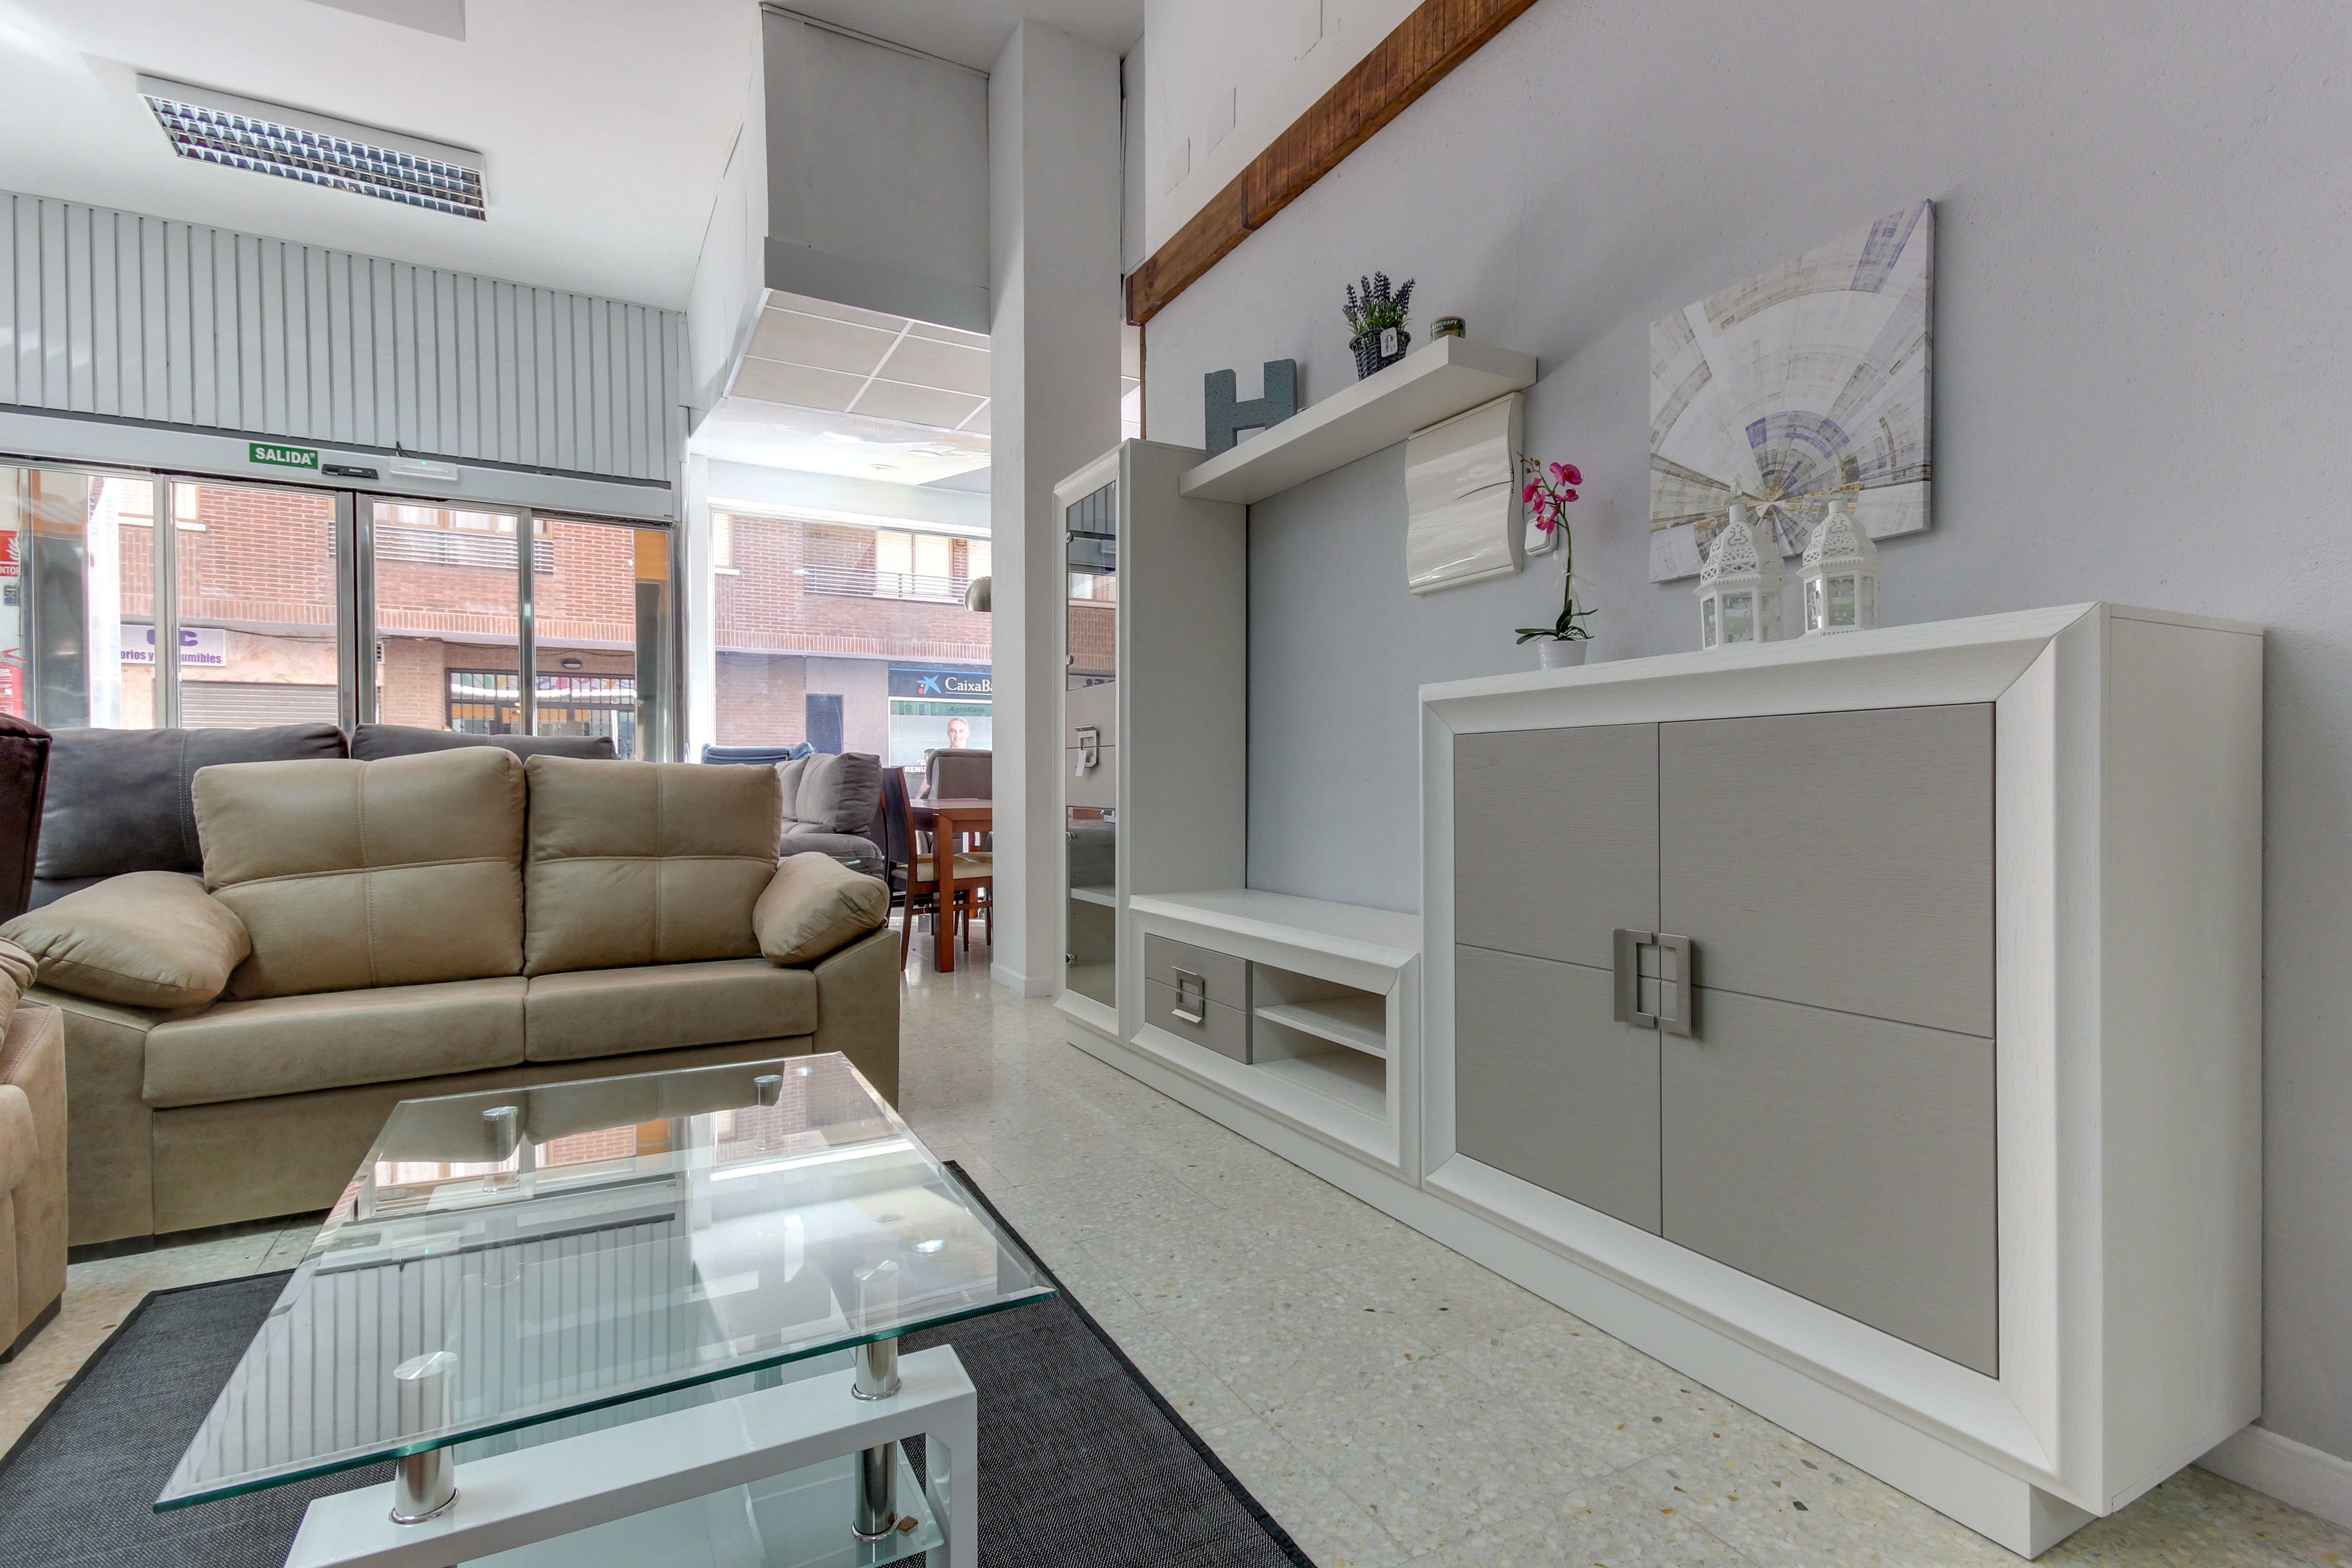 De Alba Muebles ~ Obtenga ideas Diseño de muebles para su hogar aquí ...